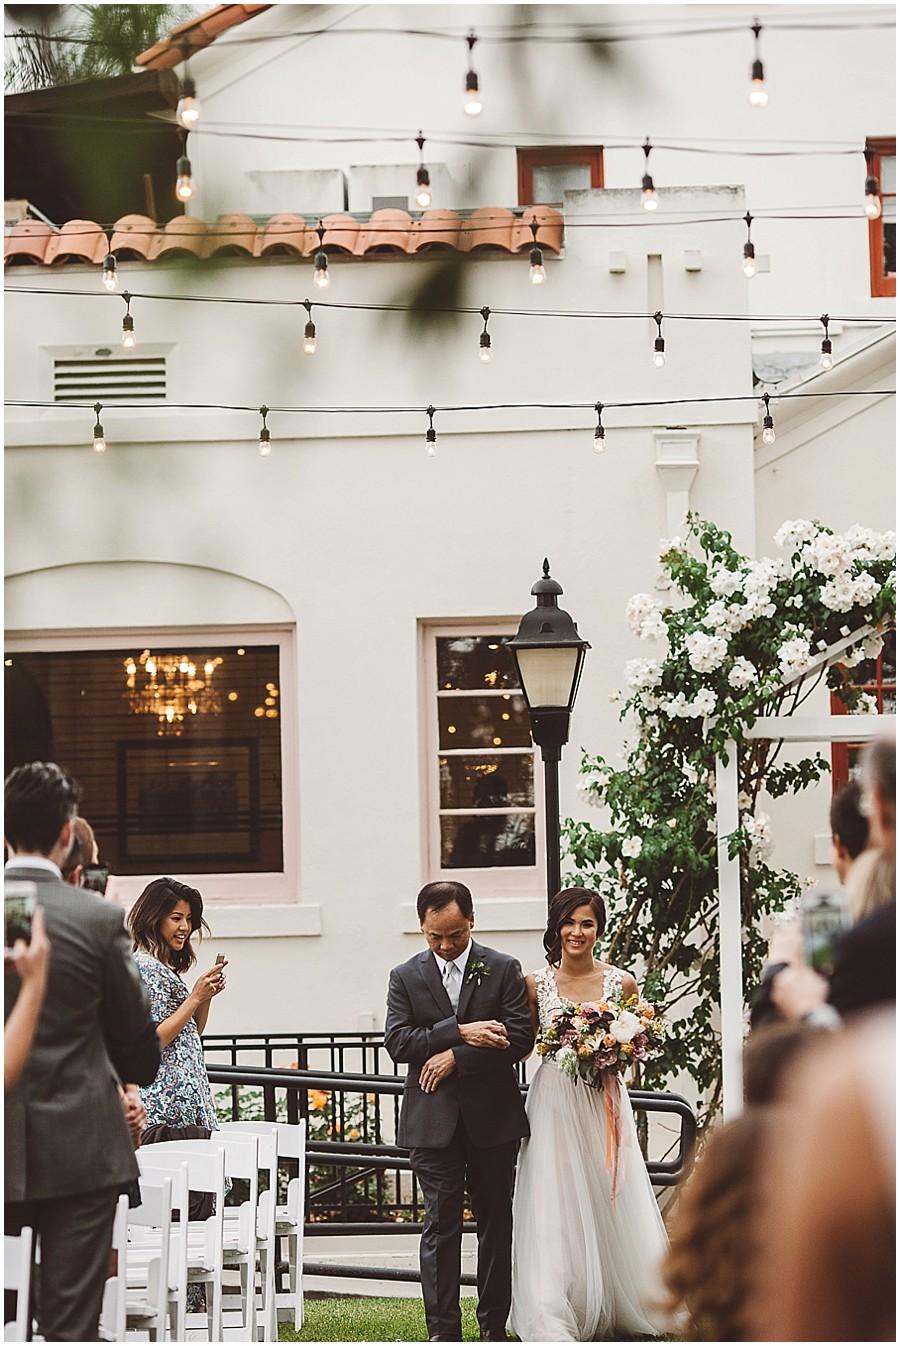 Ian+Mary_stevecowellphoto_0025.jpg